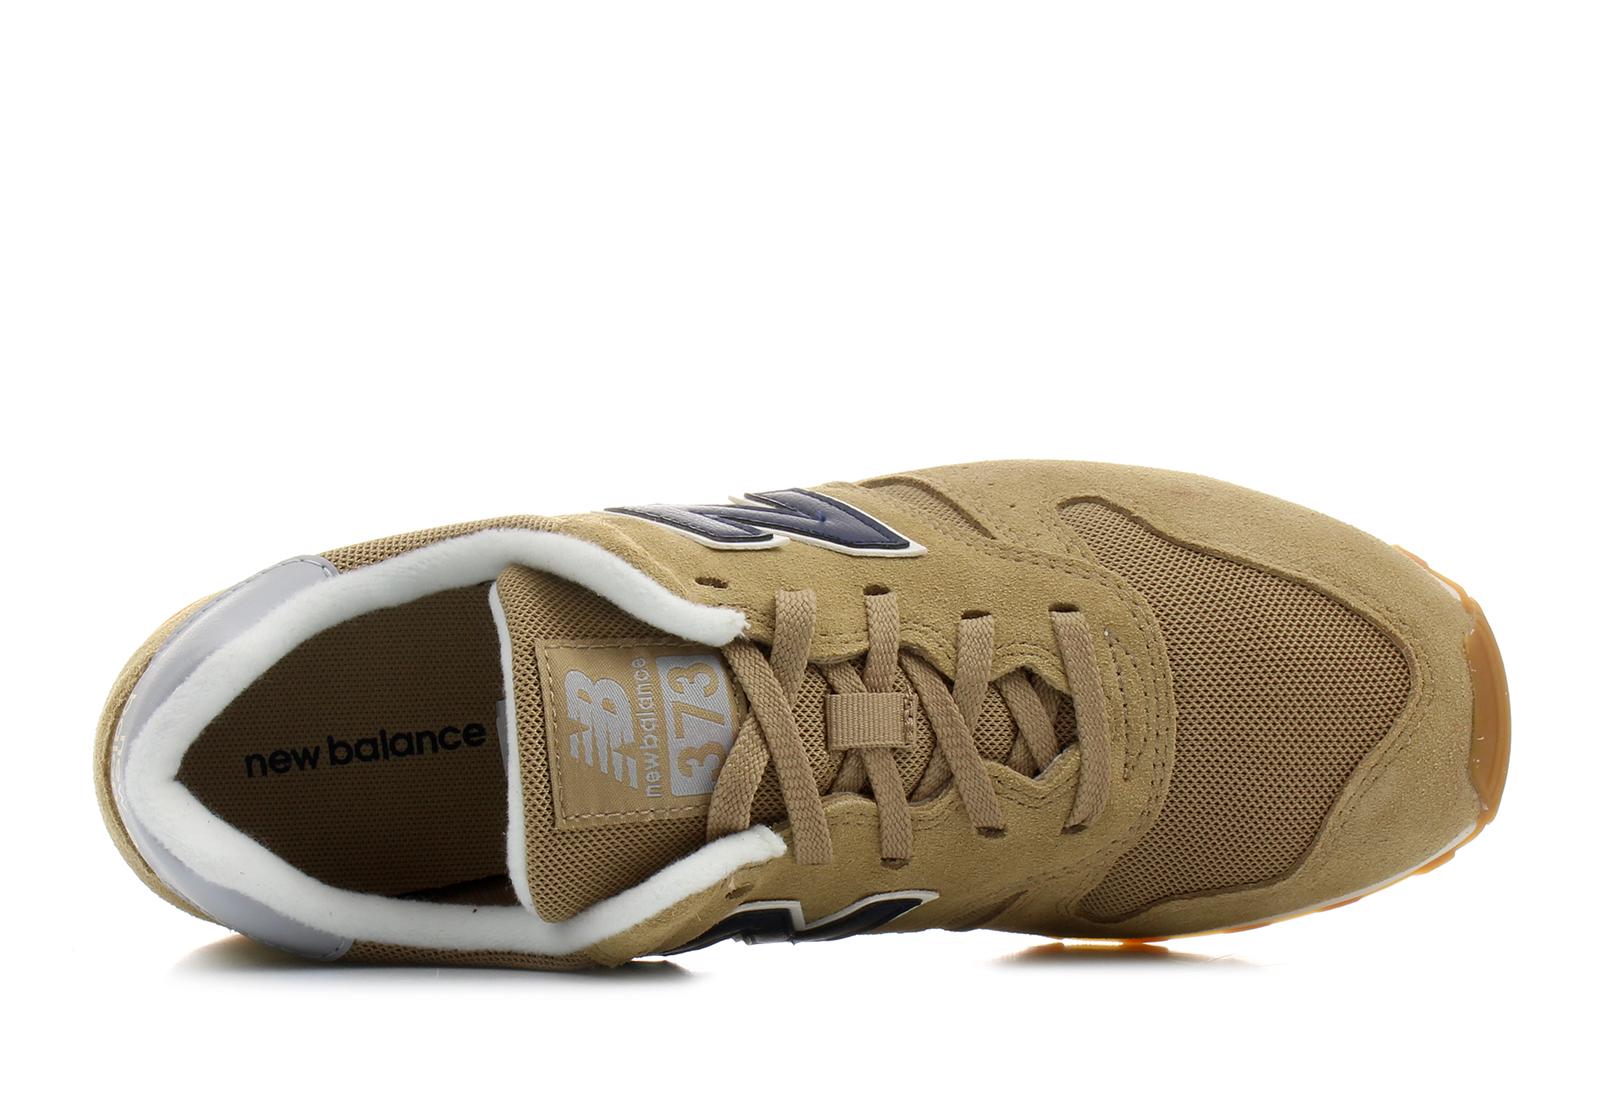 Accesorios ganancia Tumor maligno  New Balance Półbuty - Ml373 - ML373OTO - Obuwie i buty damskie, męskie,  dziecięce w Office Shoes